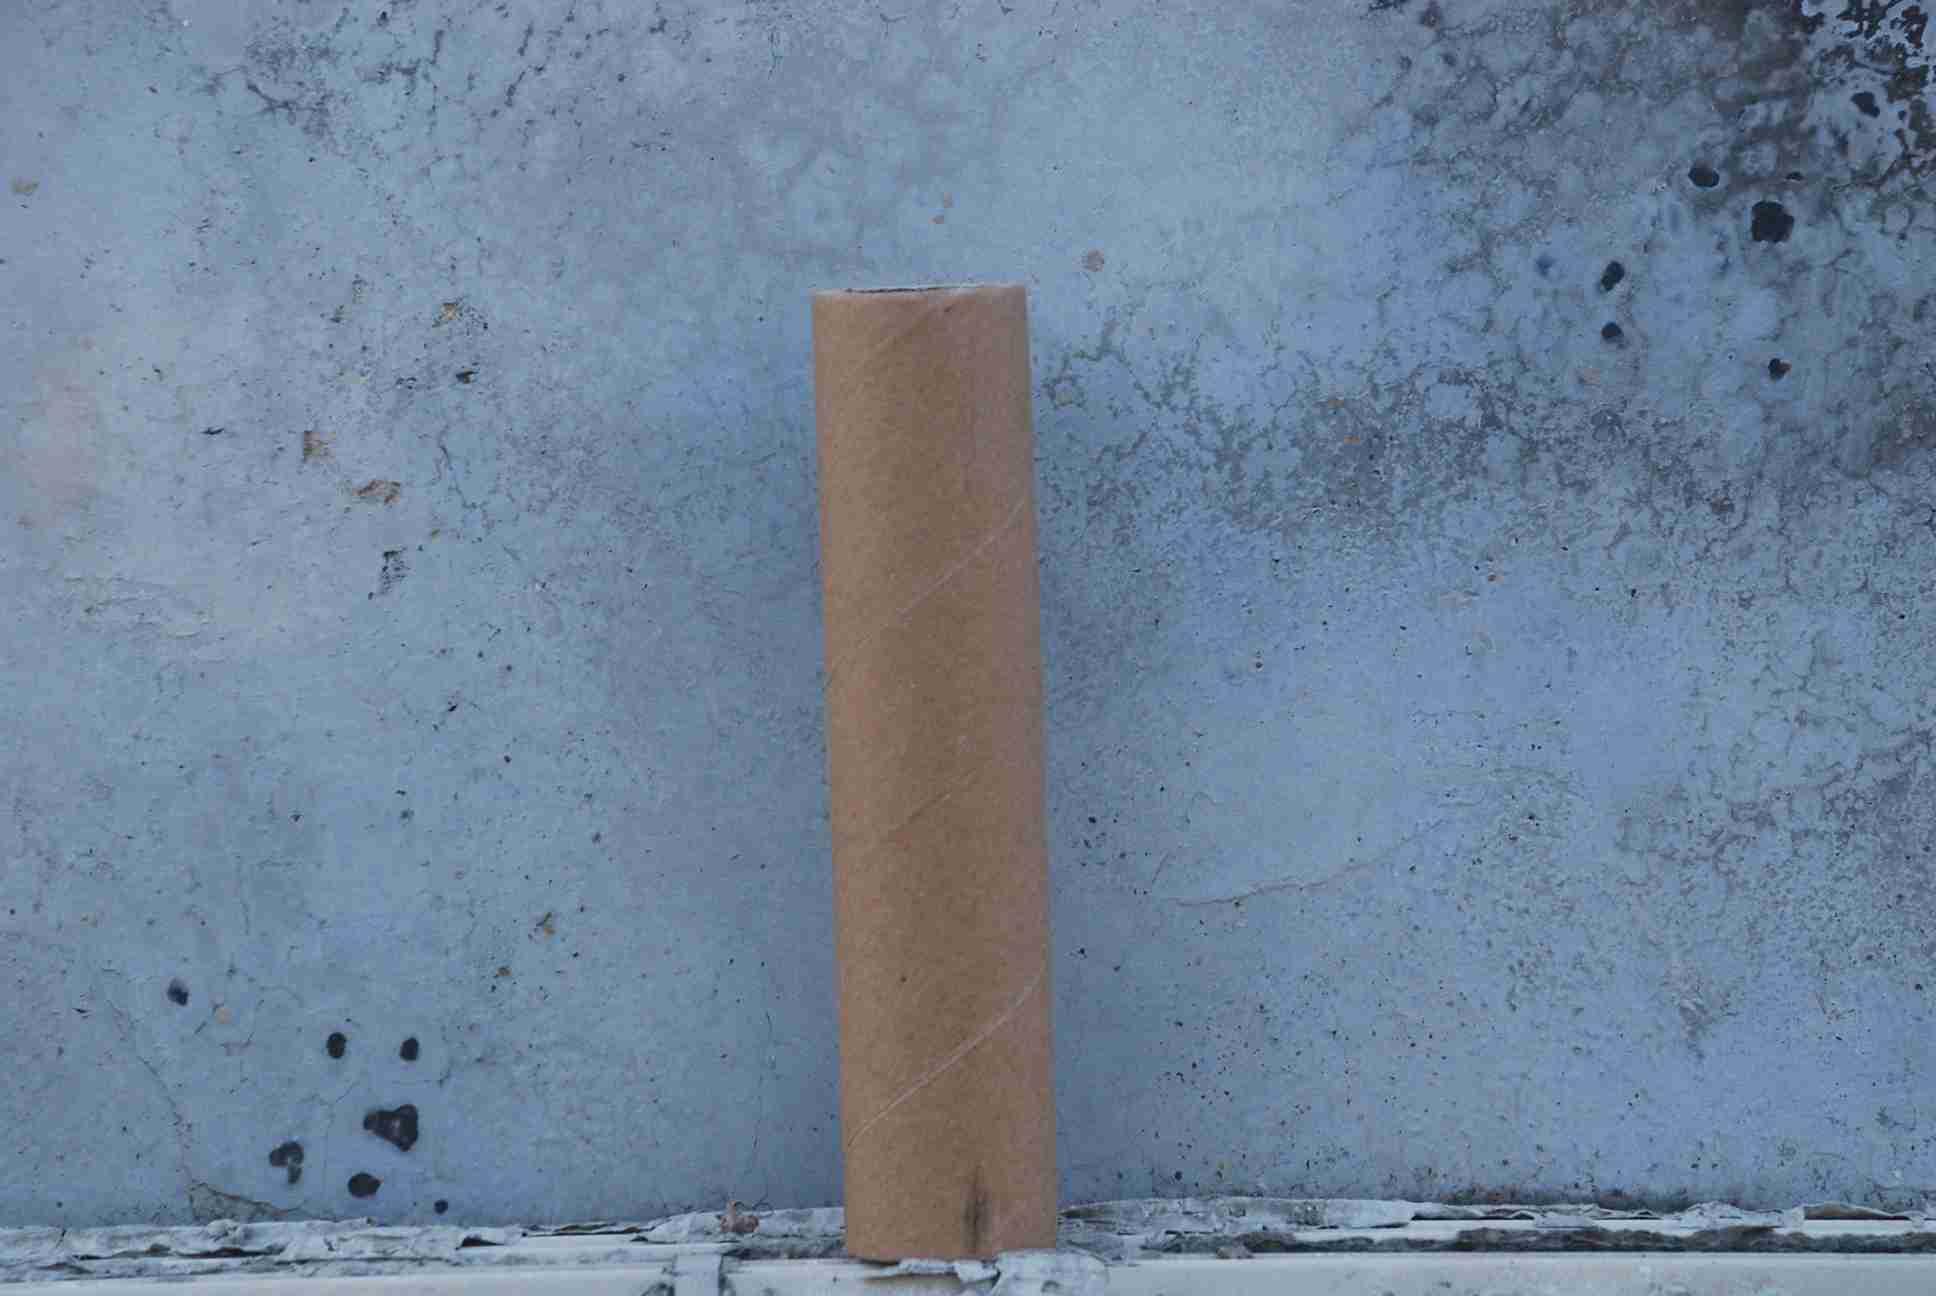 临沂加重纸管批发-临沂声誉好的胶带管供应商?#33805;? /></a>                         <div class=